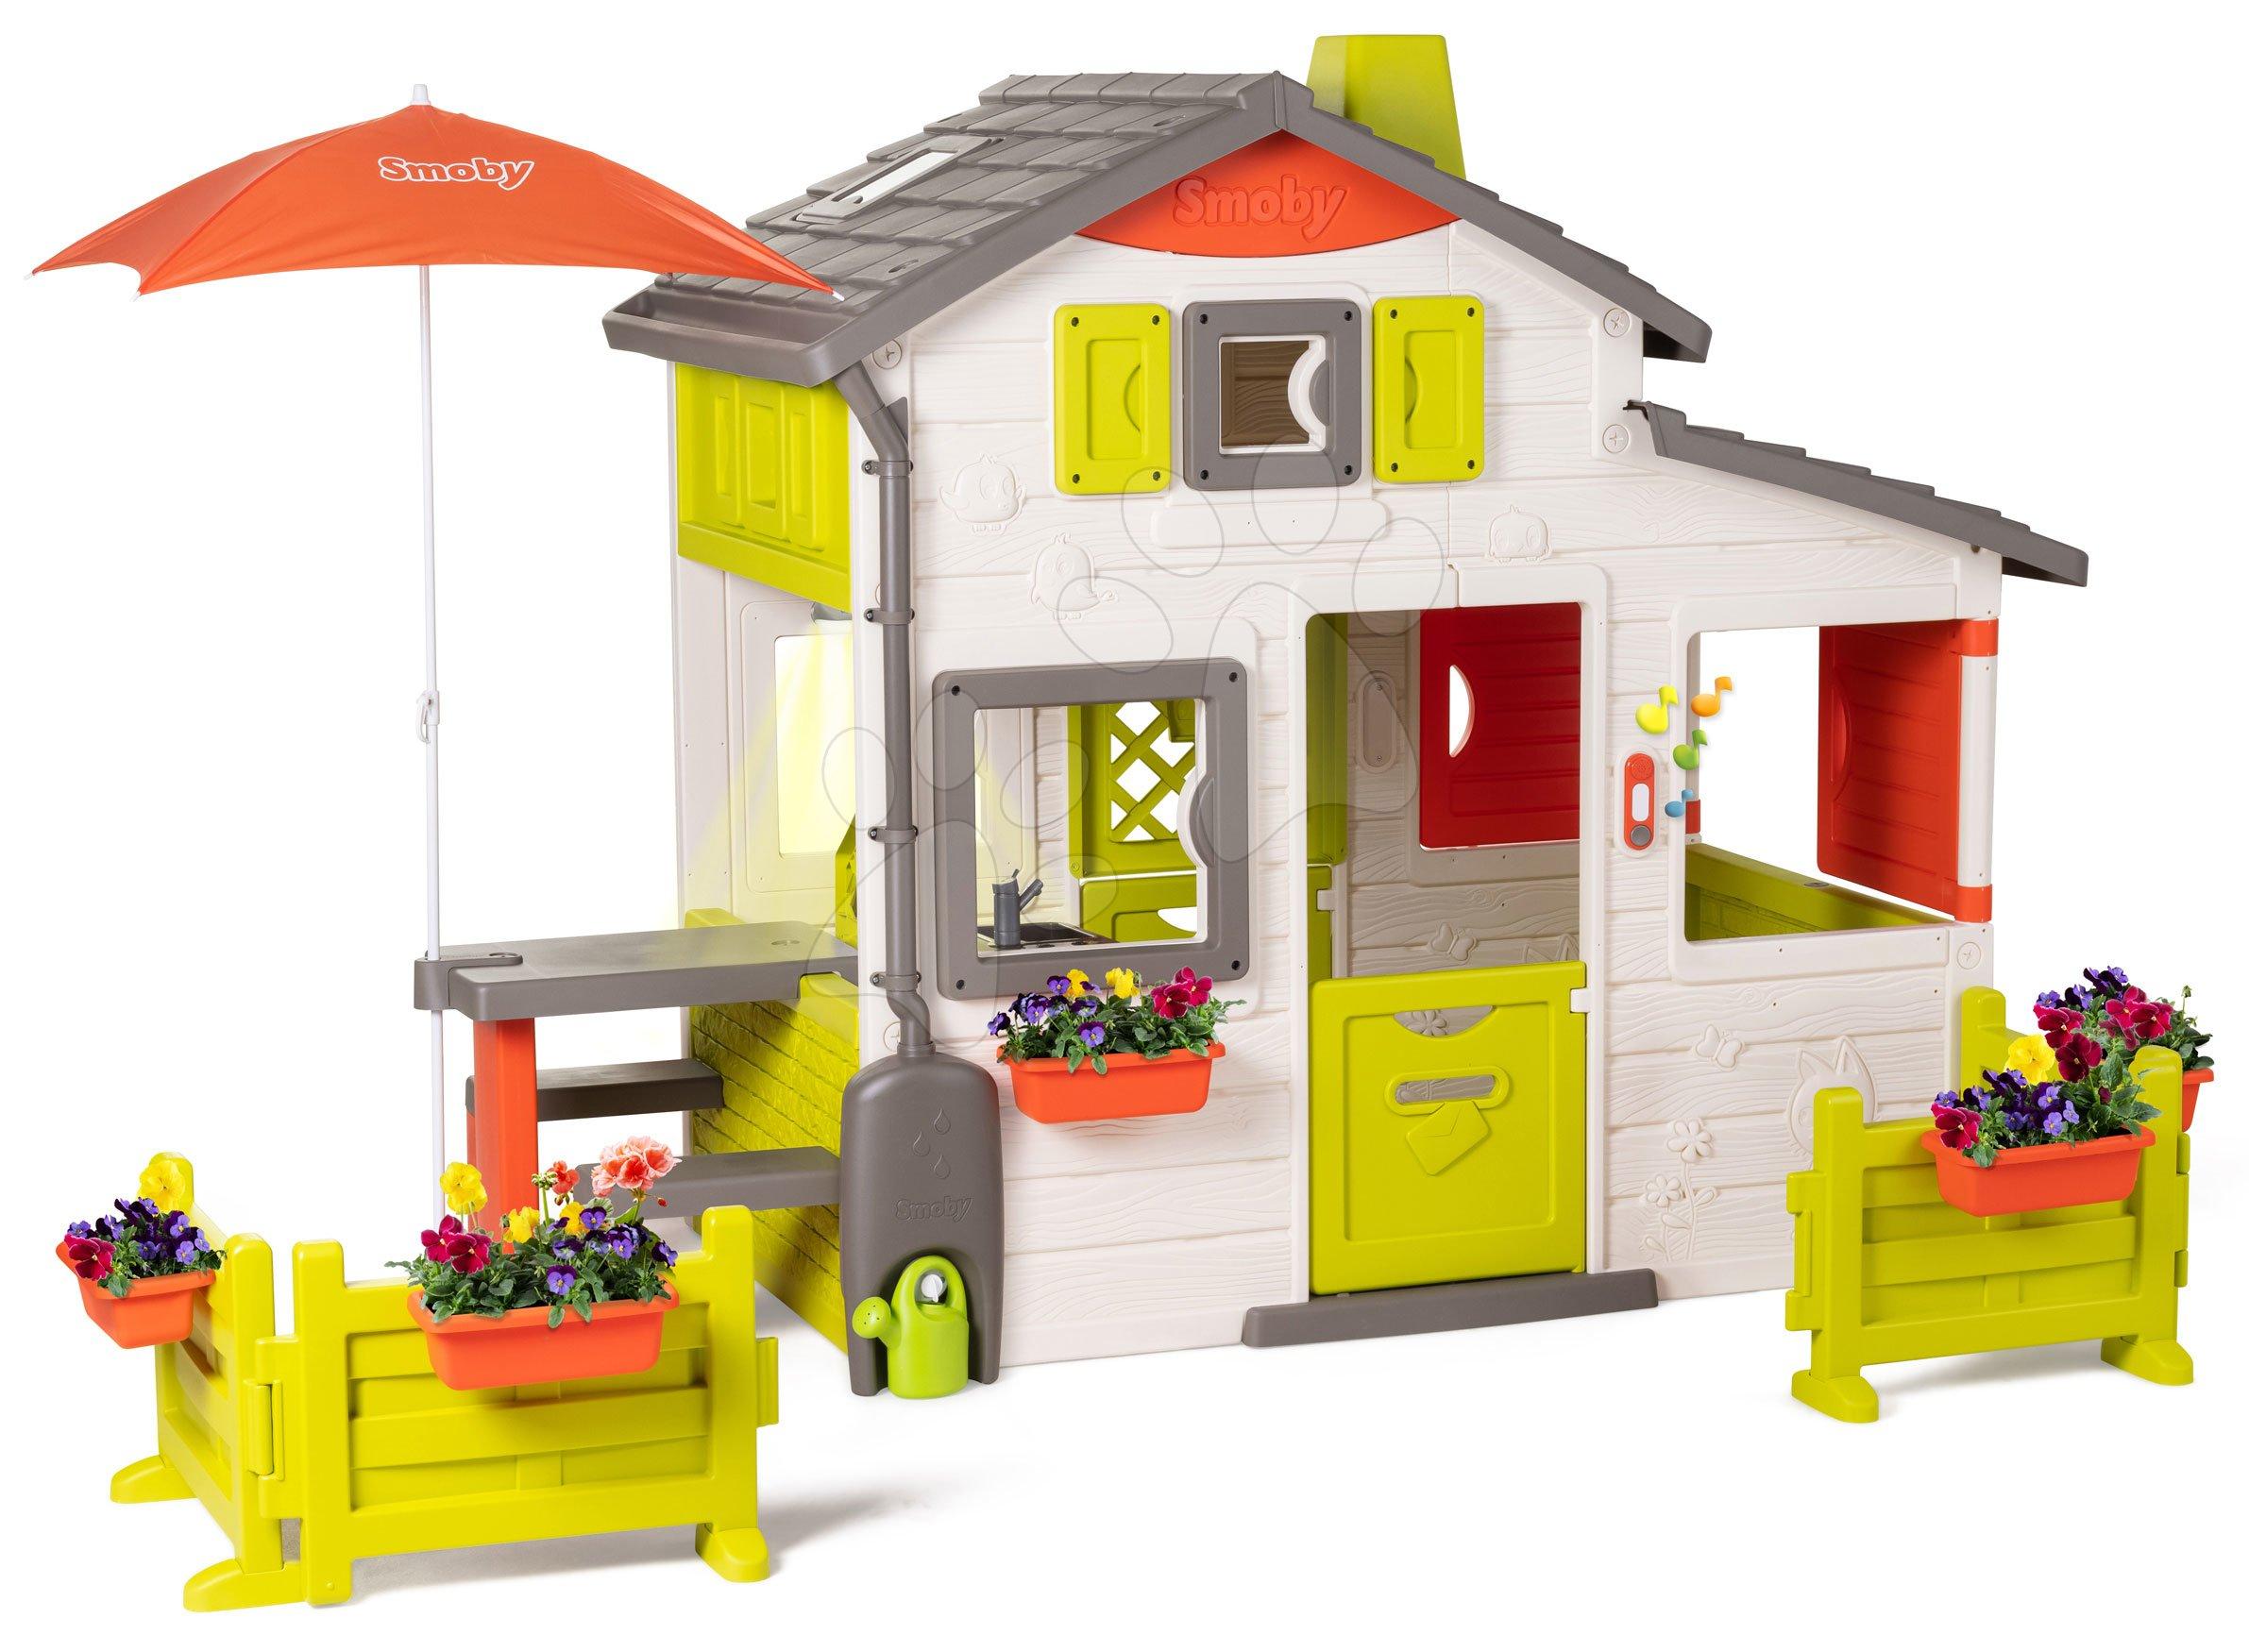 Domček Neo Friends House DeLuxe Smoby s osvetlenou kuchynkou v interiéri a jedálenský kútik pod slnečníkom